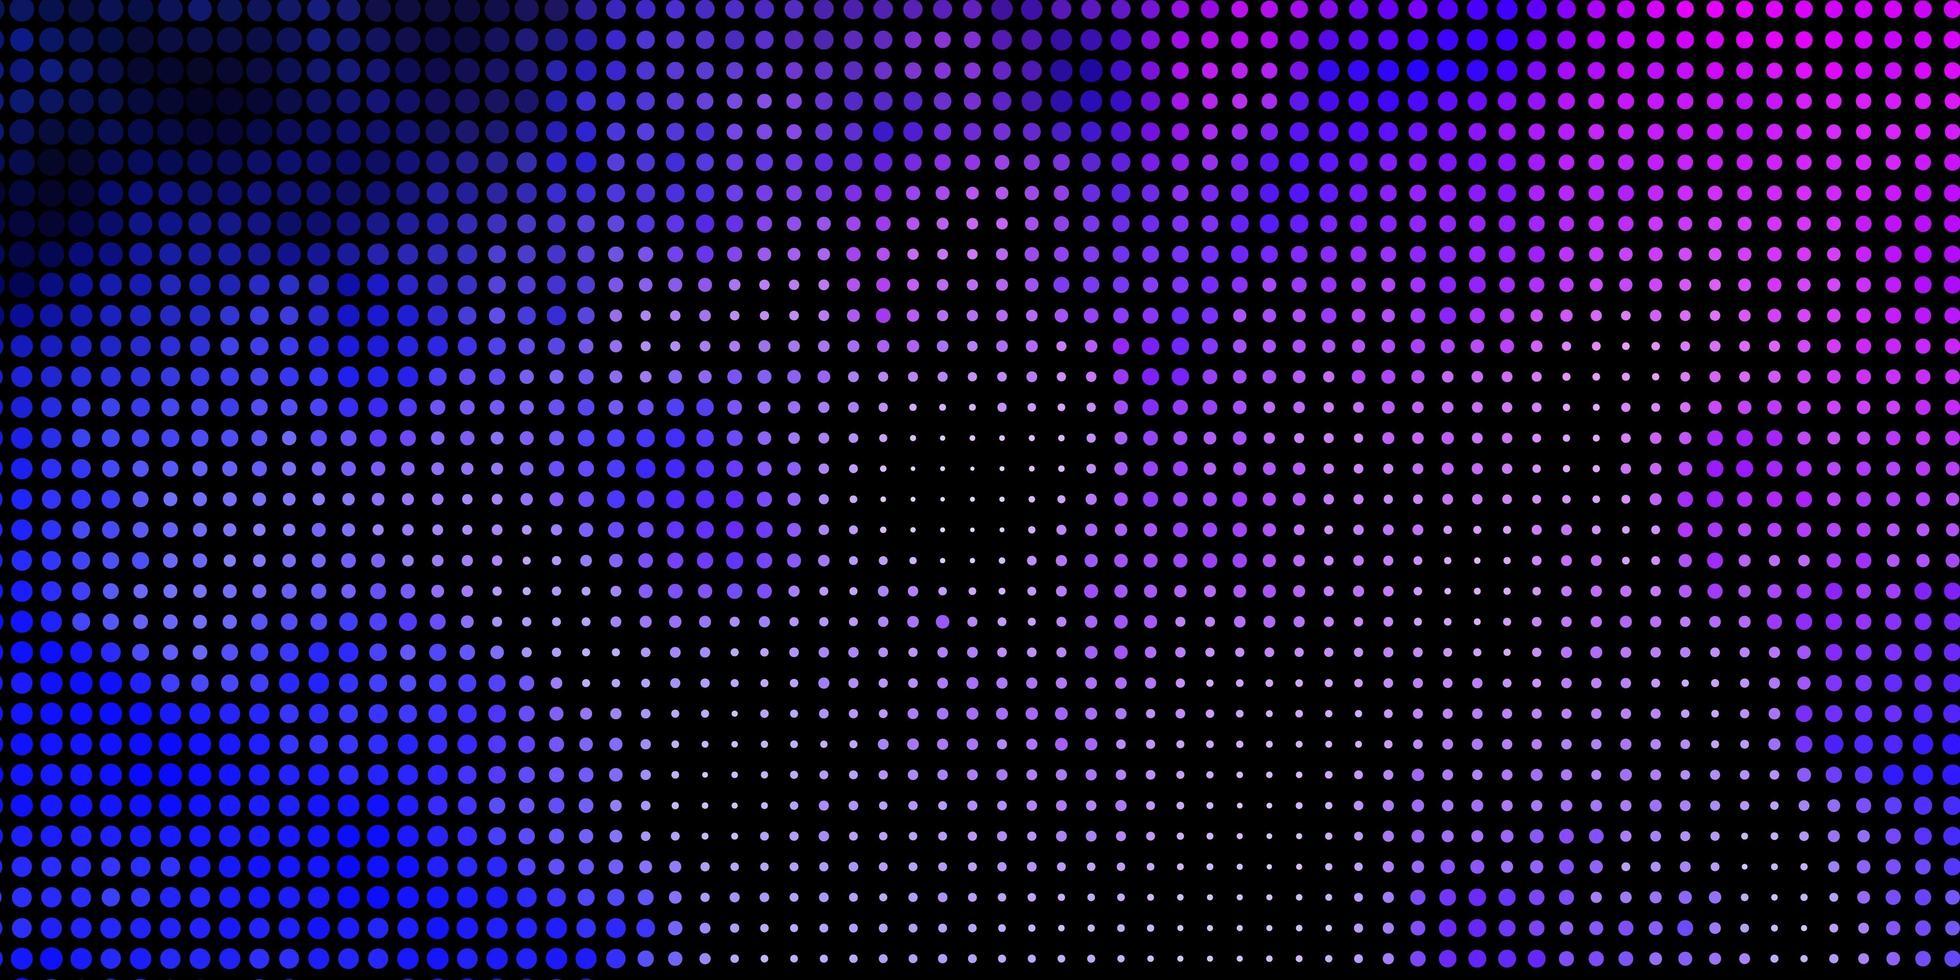 layout de vetor rosa claro, azul com formas de círculo.